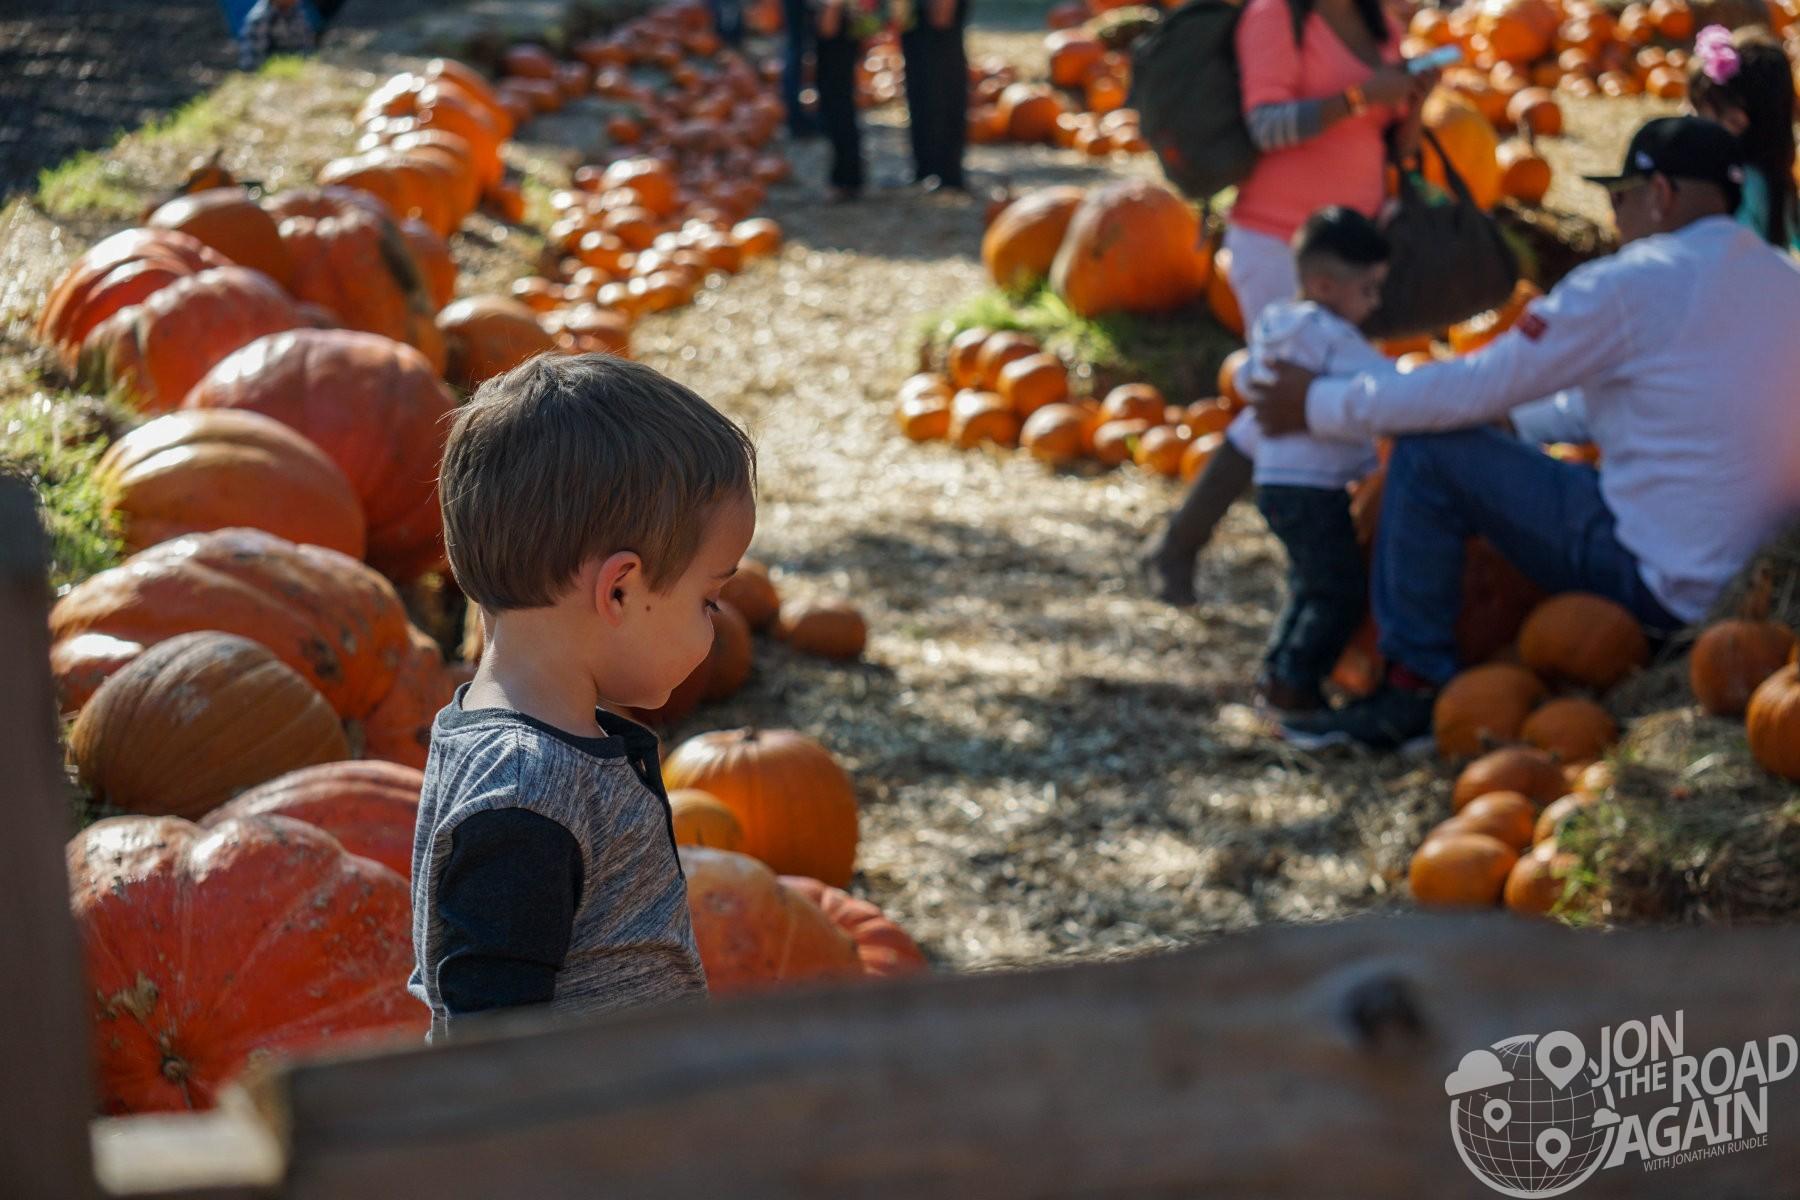 Mason chooses a pumpkin